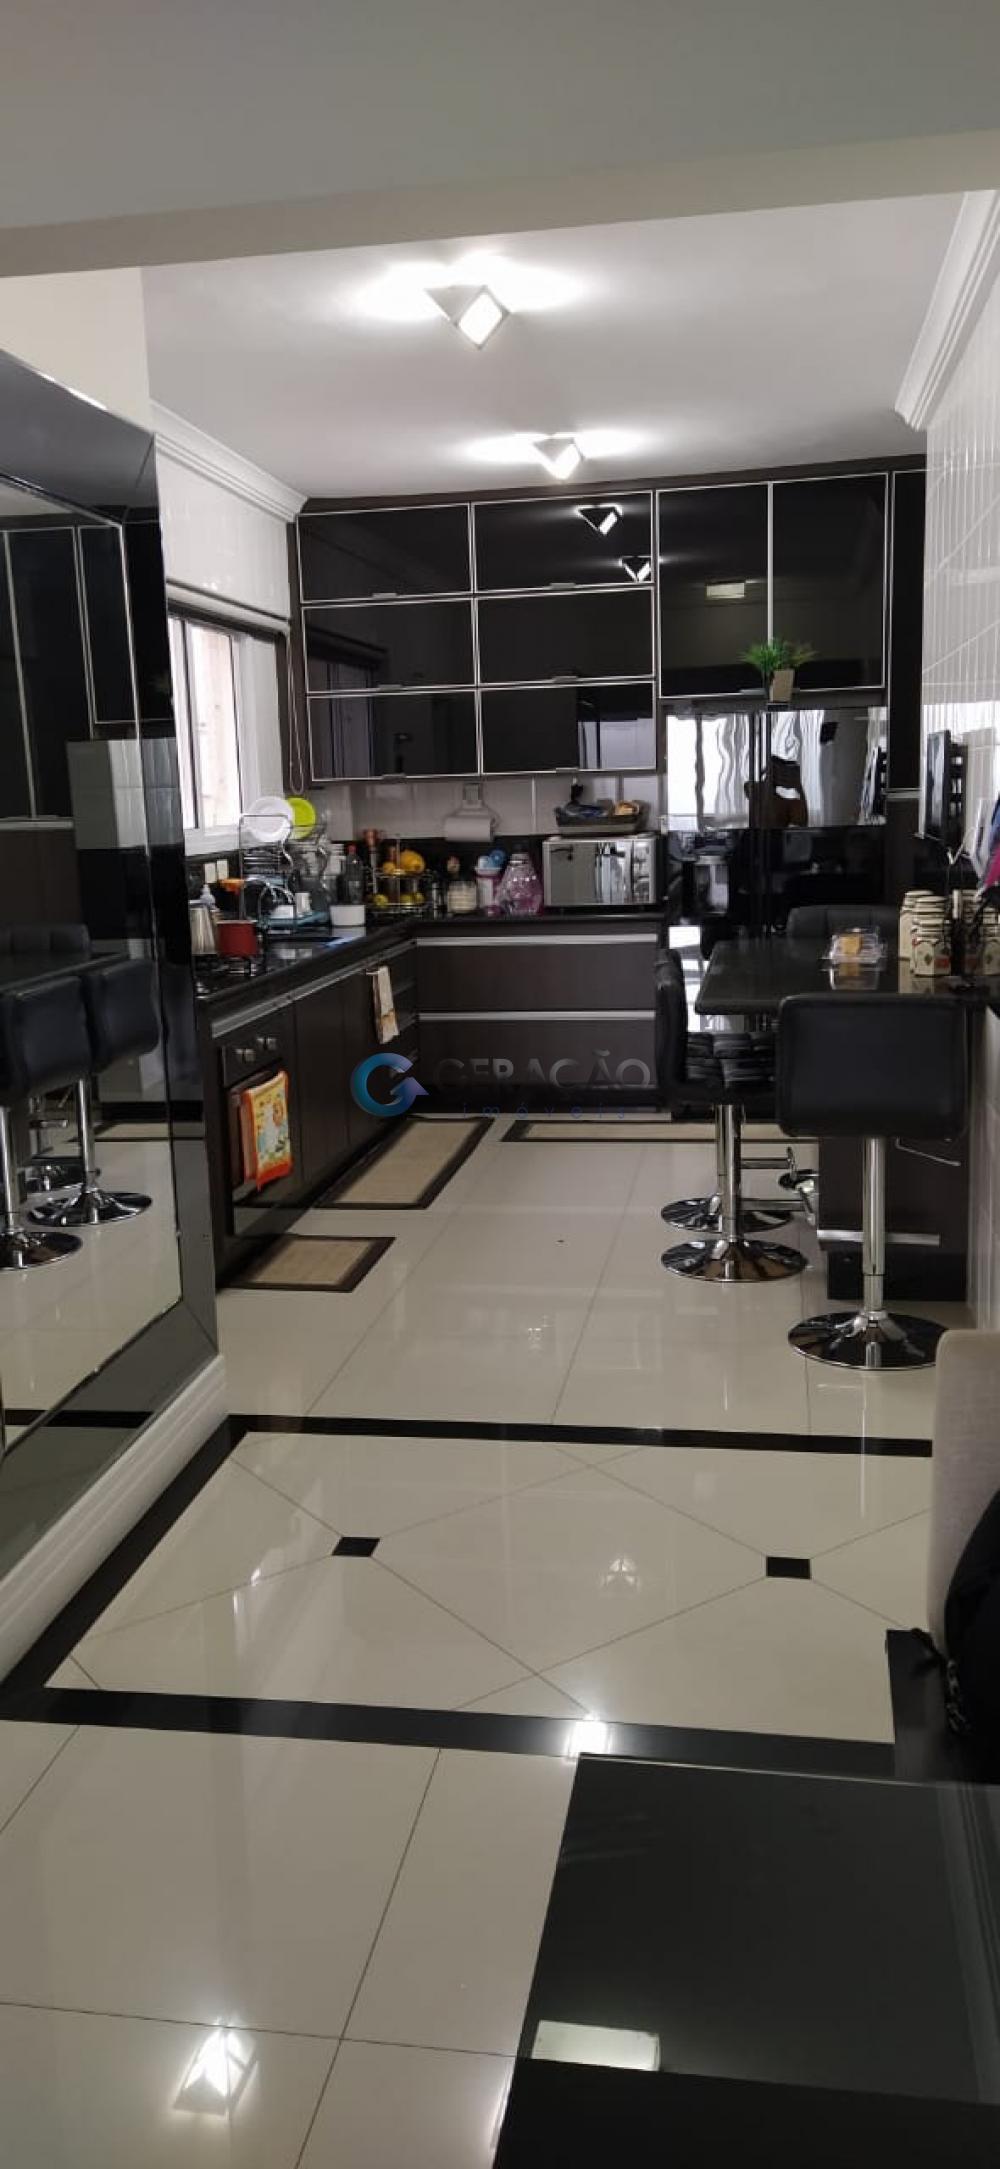 Comprar Apartamento / Padrão em São José dos Campos R$ 1.150.000,00 - Foto 11